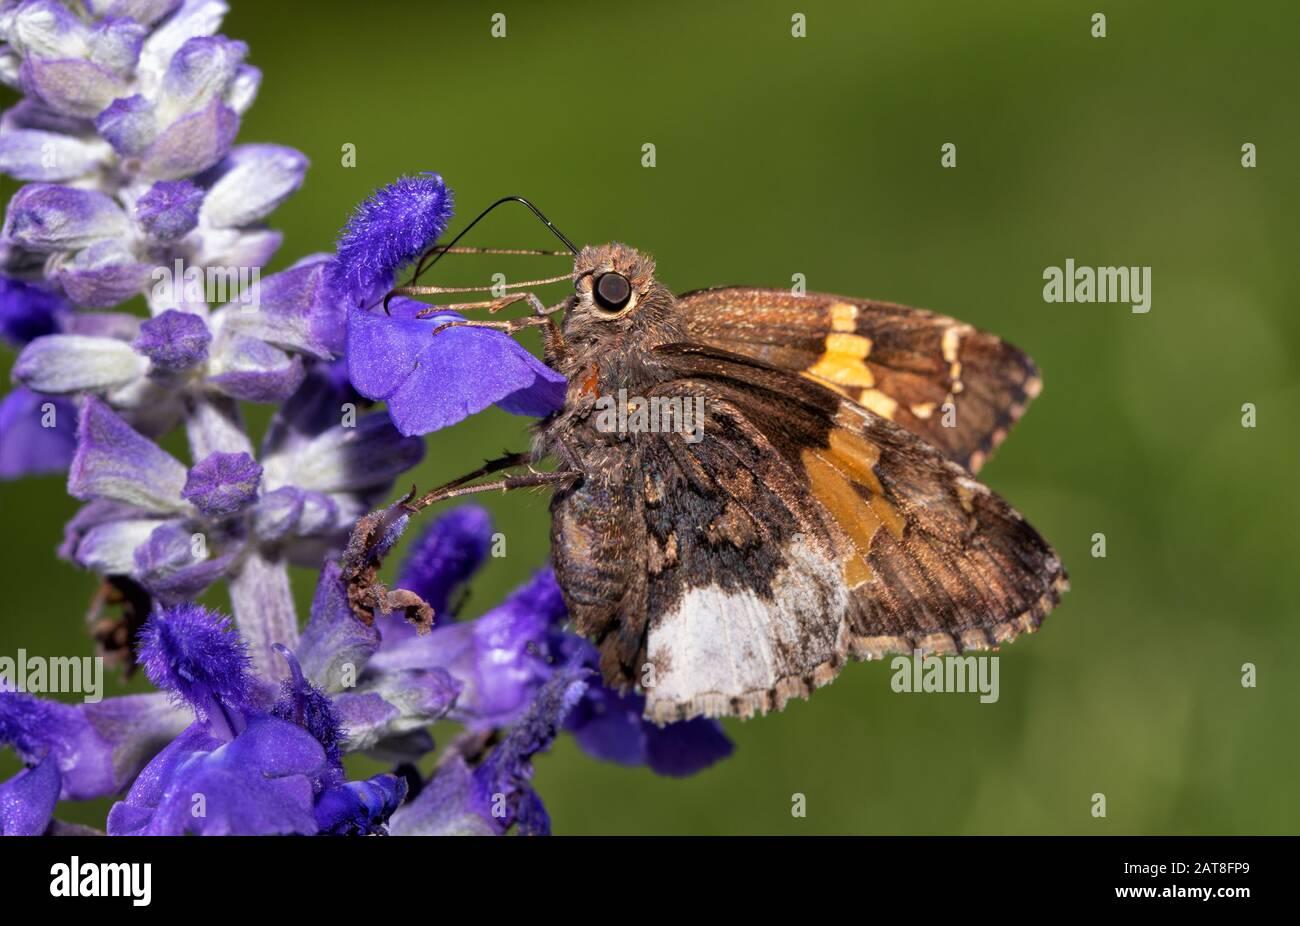 Borde del hoario mariposa alimentándose en púrpura Salvia flores con fondo verde del verano Foto de stock